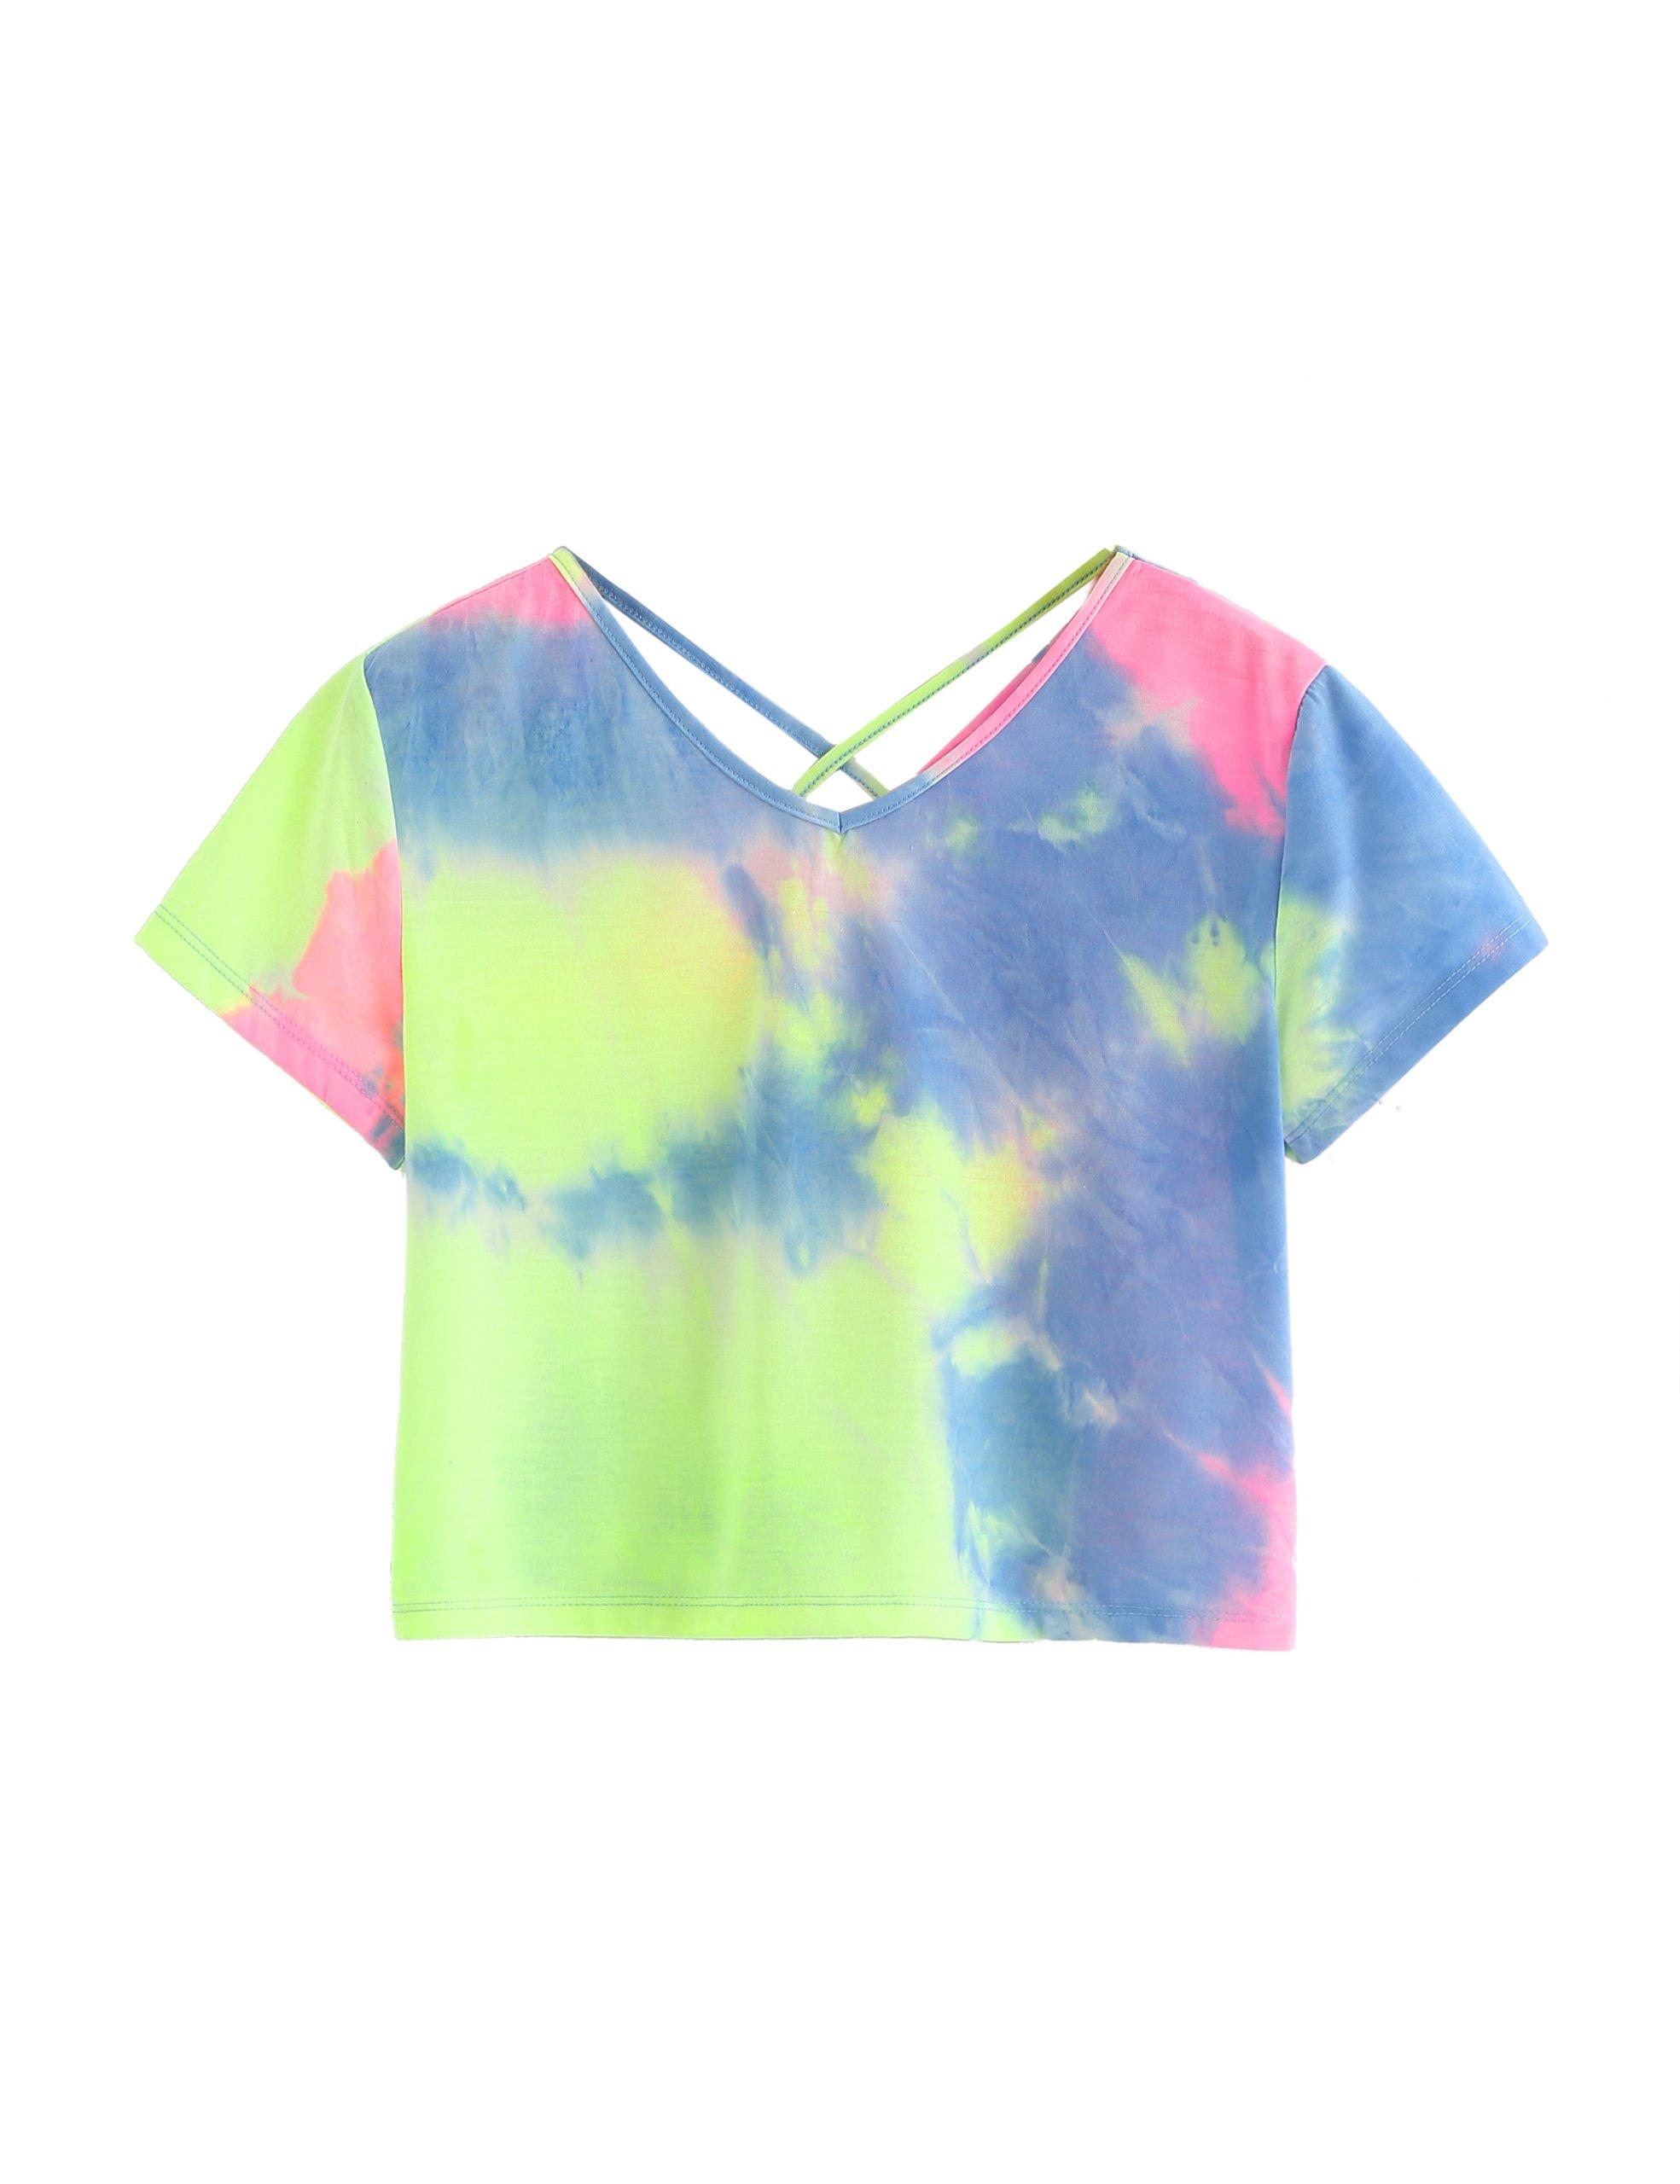 c912e2e43d180 SweatyRocks Women s Tie Dye Criss Cross Back Short Sleeve Crop Summer T  Shirt